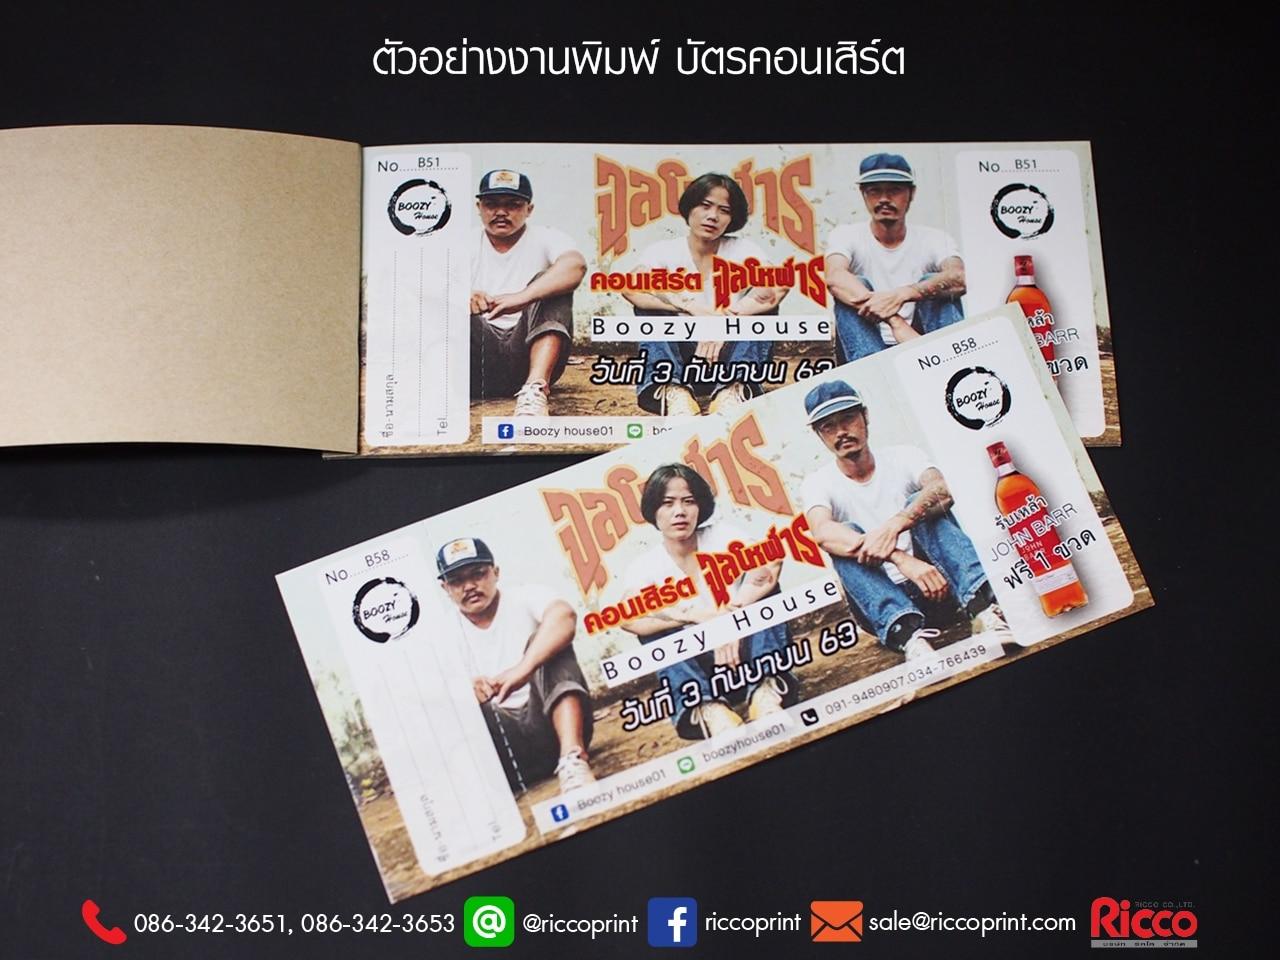 รูป Ticket 2020 ConcertJullahoran2 - ประกอบเนื้อหา คูปอง บัตรกำนัล ตั๋ว